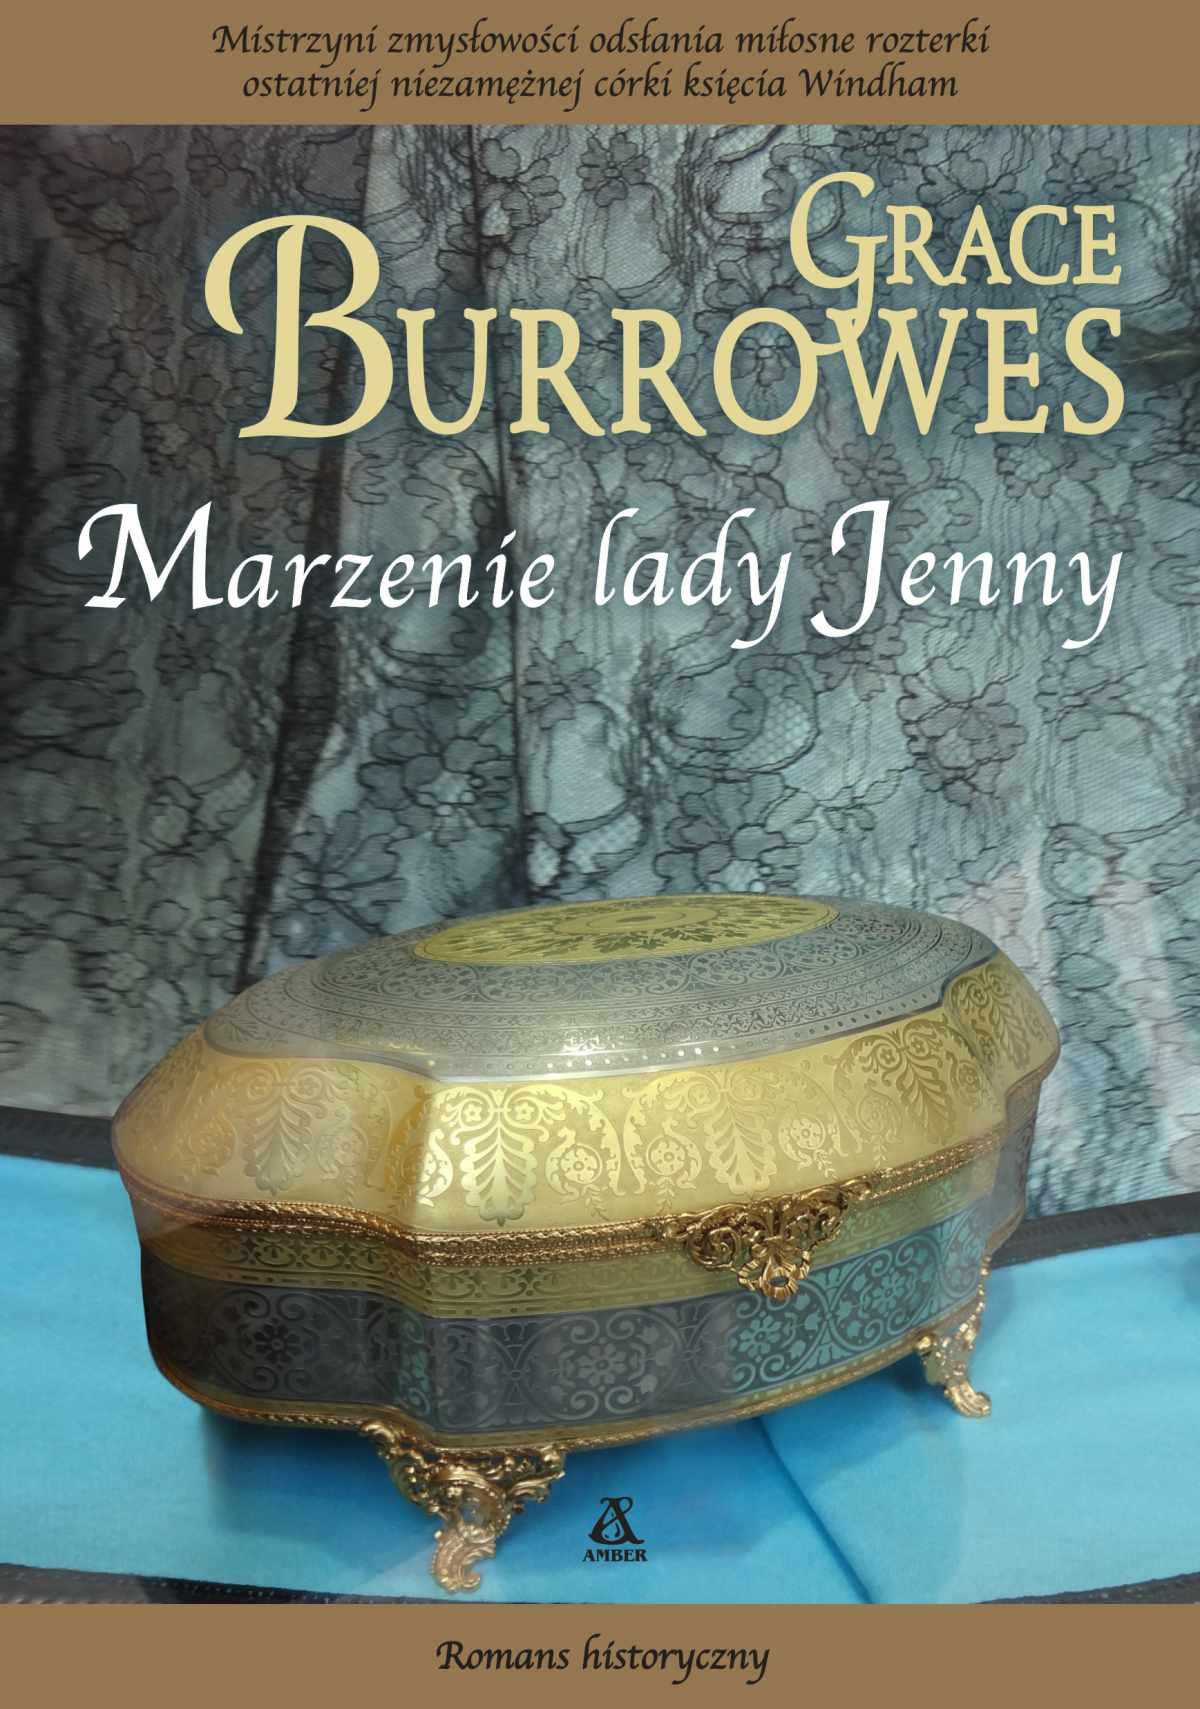 Marzenie lady Jenny - Ebook (Książka EPUB) do pobrania w formacie EPUB